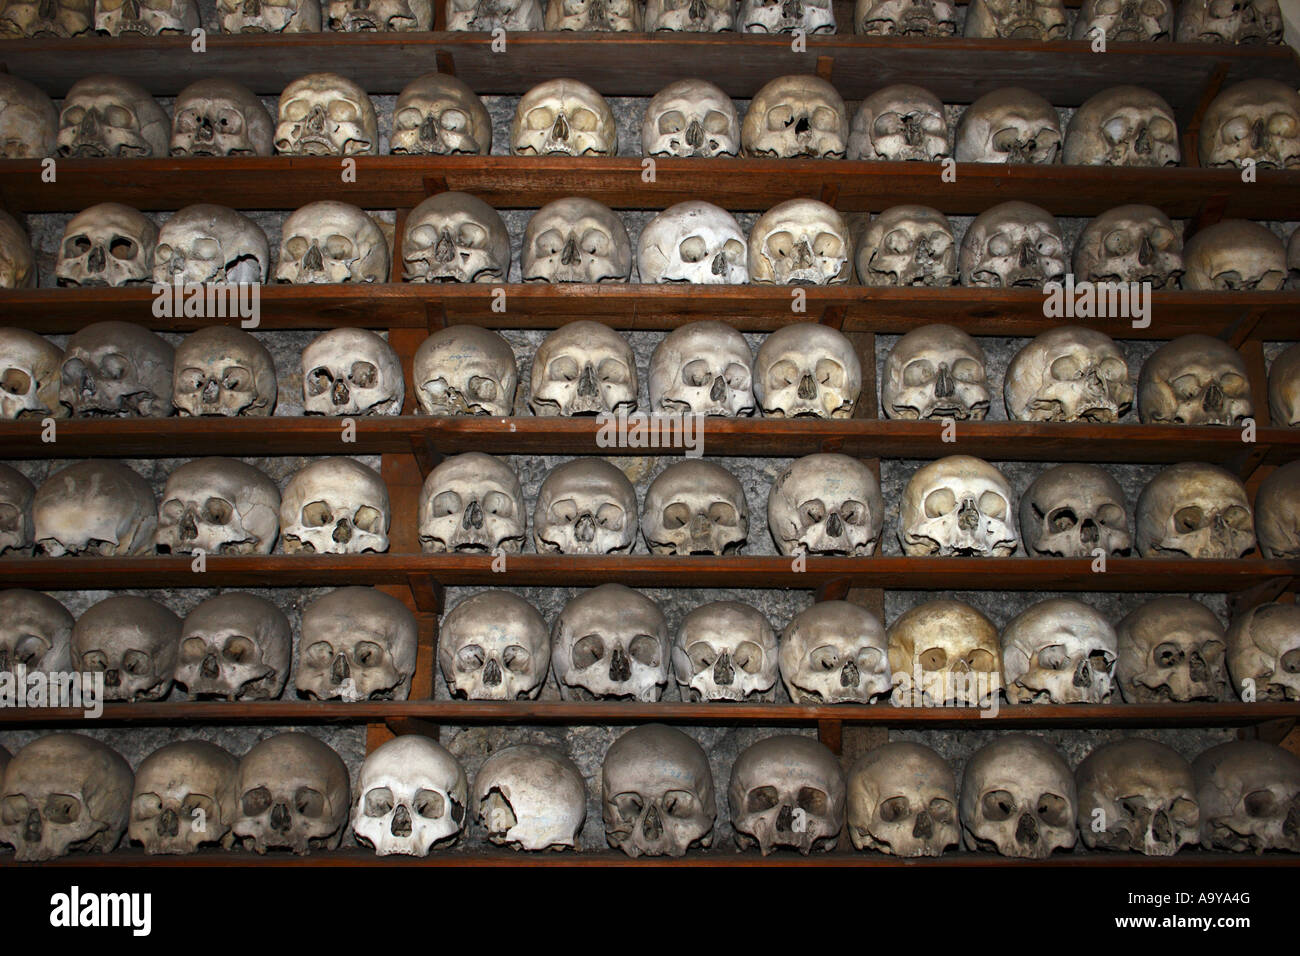 Des crânes humains à St Leonards Church, Hythe, dans le Kent, en Angleterre. Banque D'Images